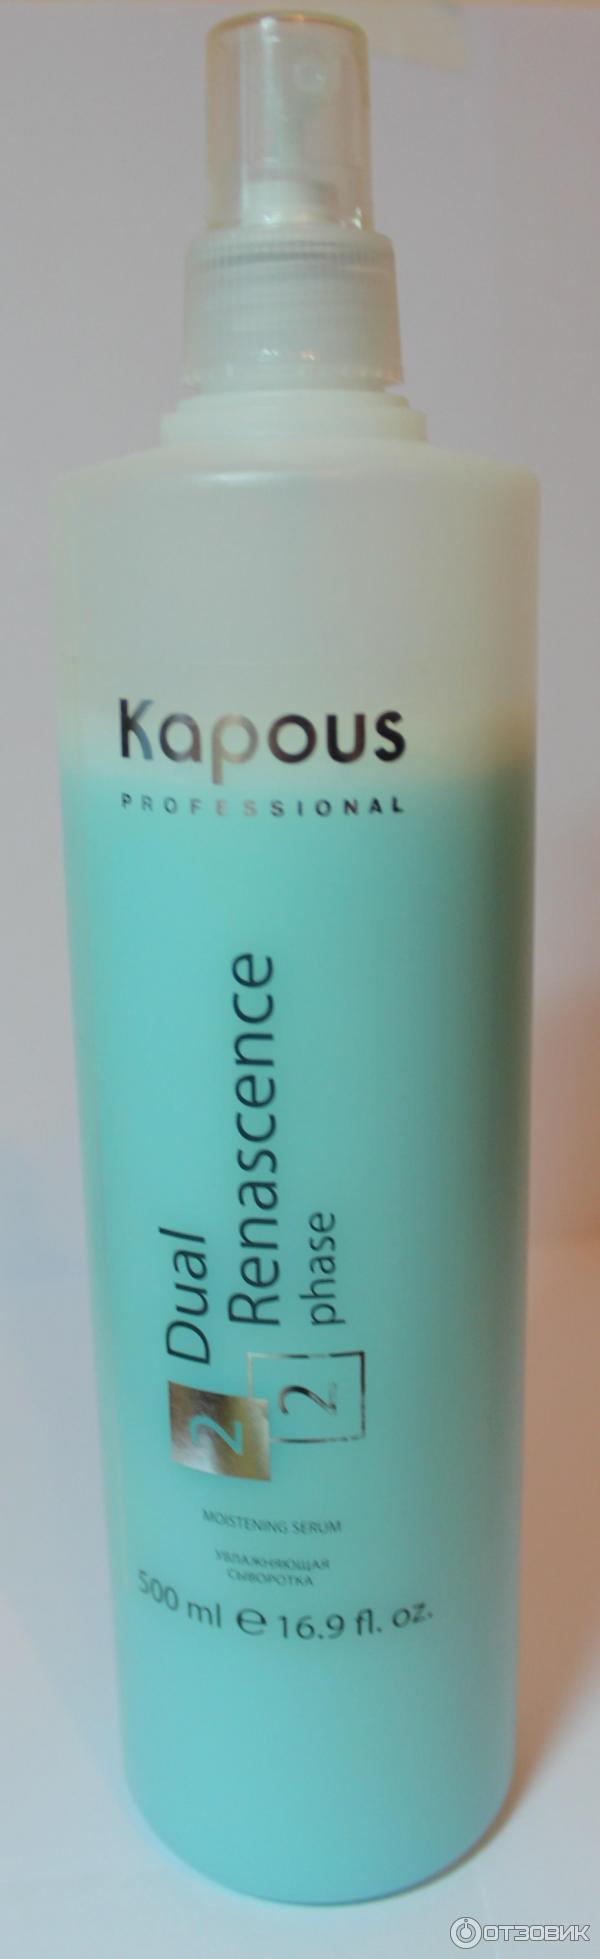 Увлажняющая сыворотка для волос капус для окрашенных волос отзывы